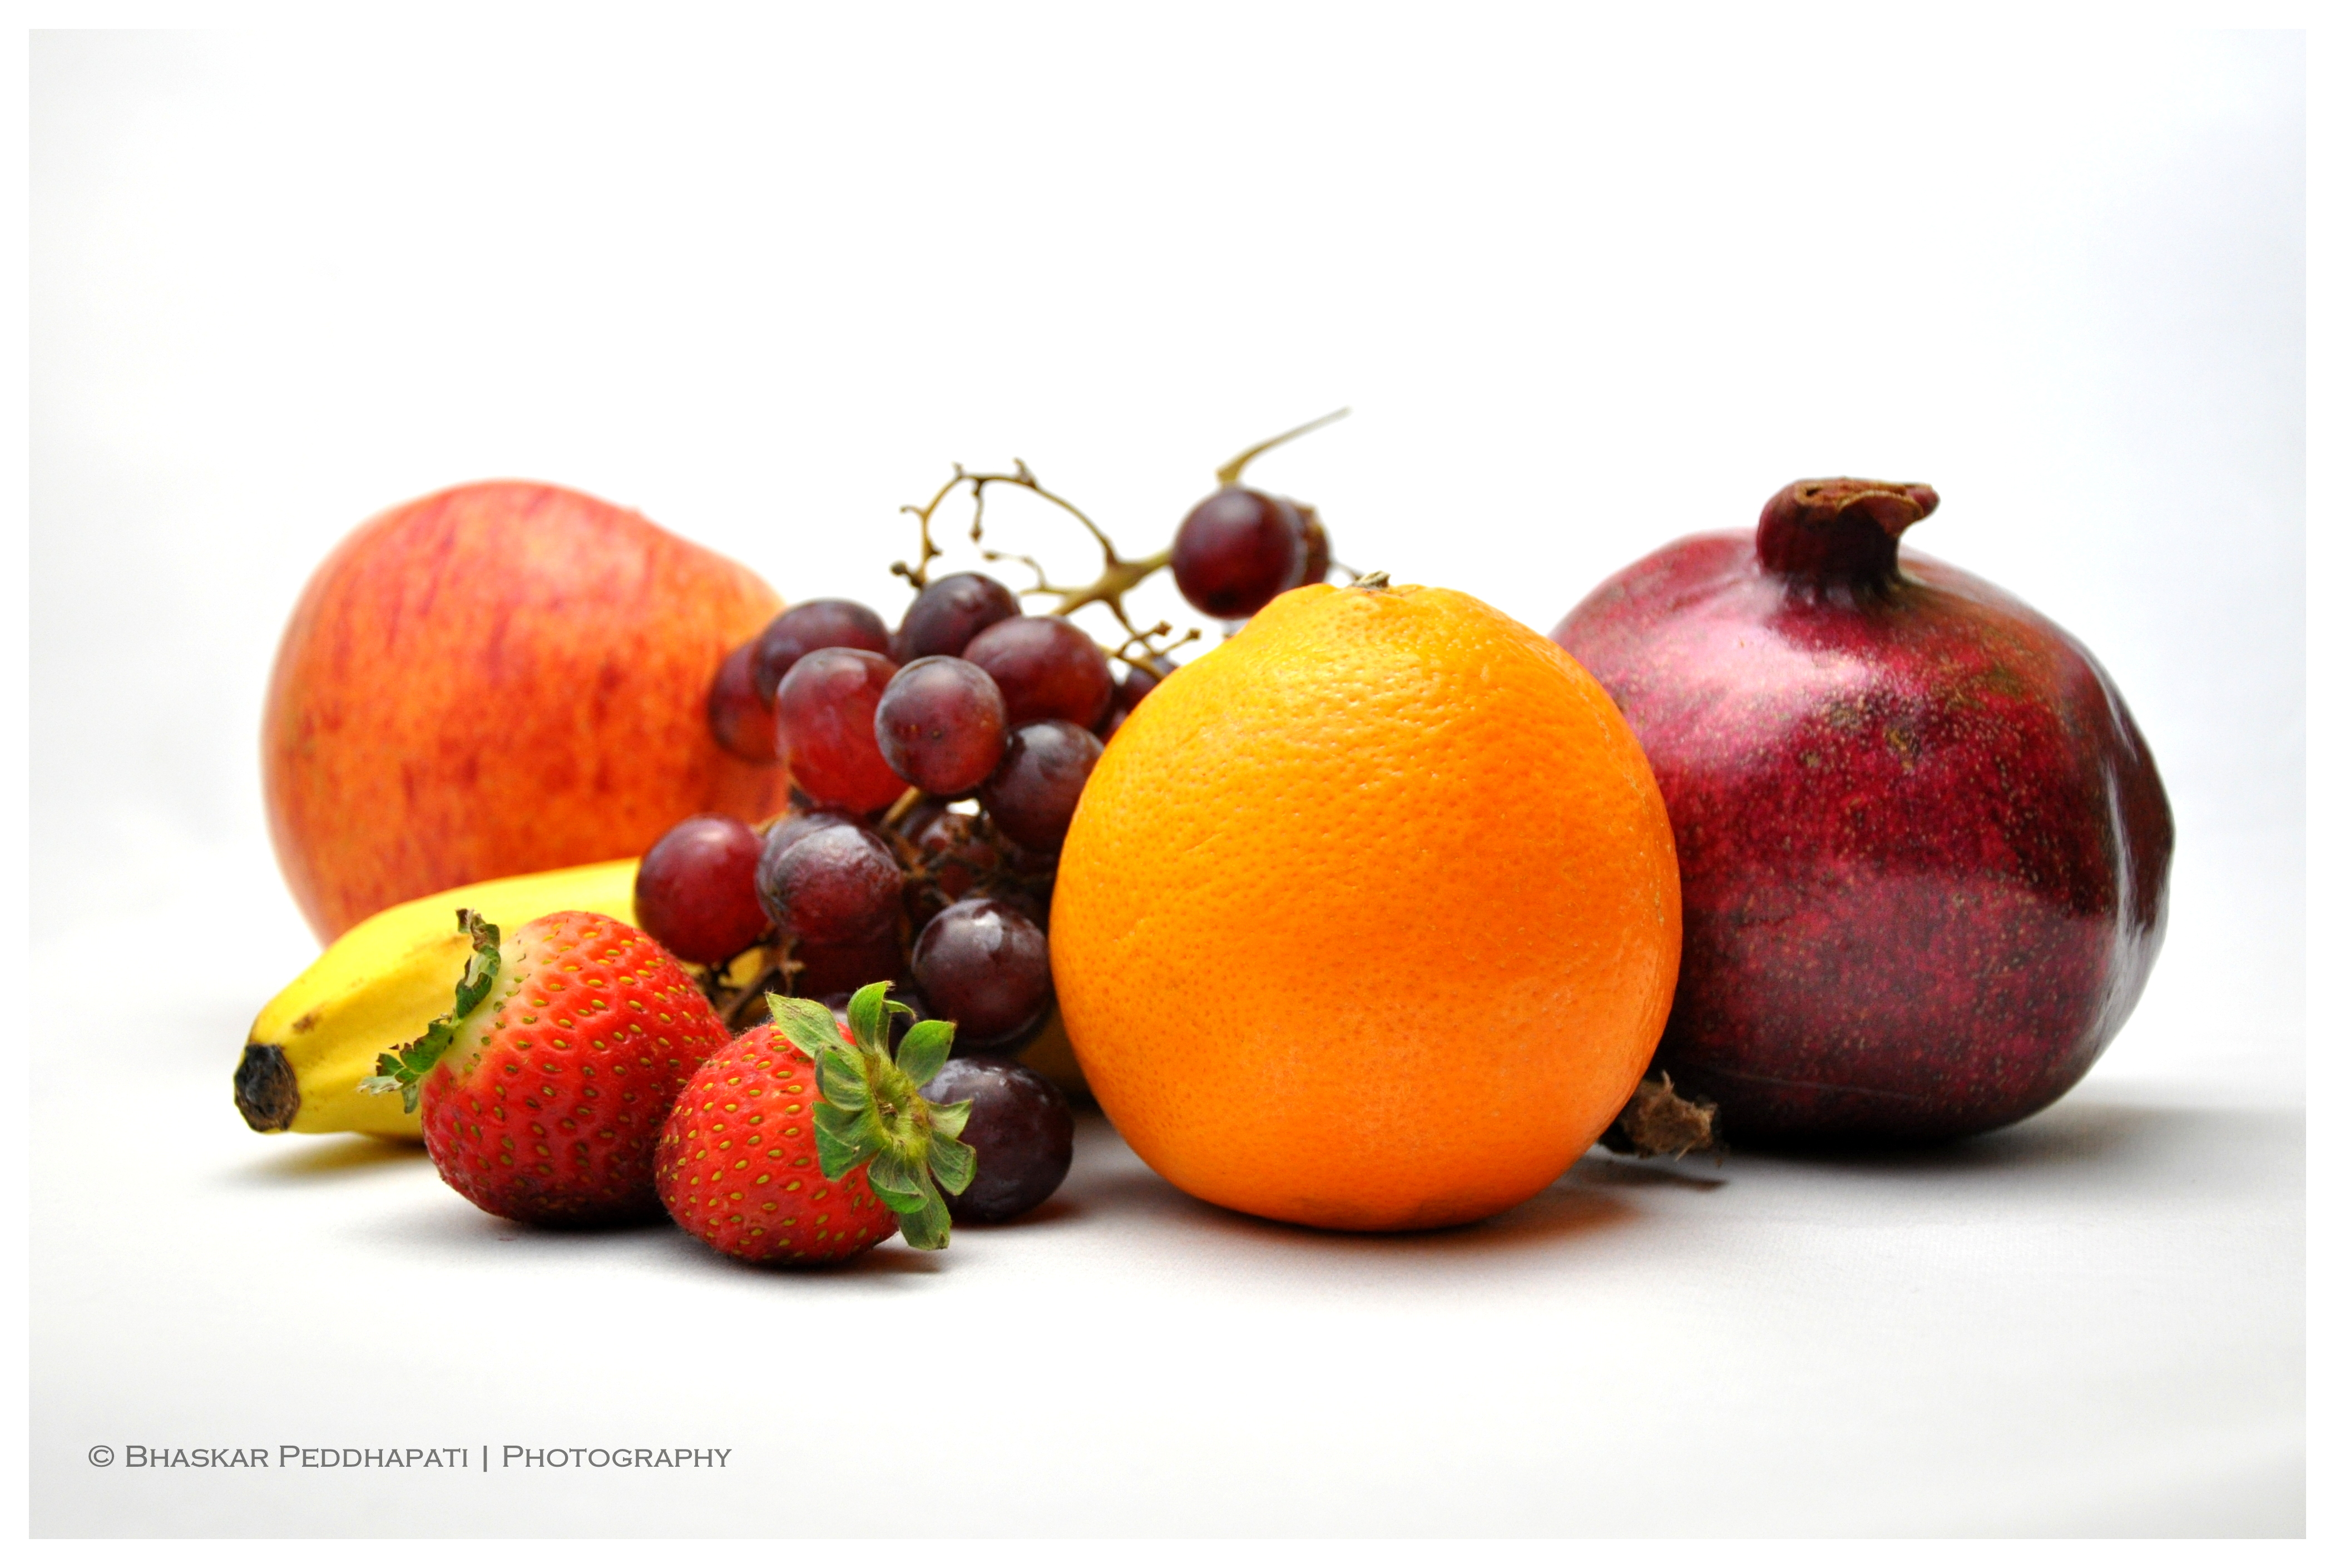 Spożywanie co najmniej dwóch porcji owoców dziennie zmniejsza ryzyko rozwoju cukrzycy typu 2